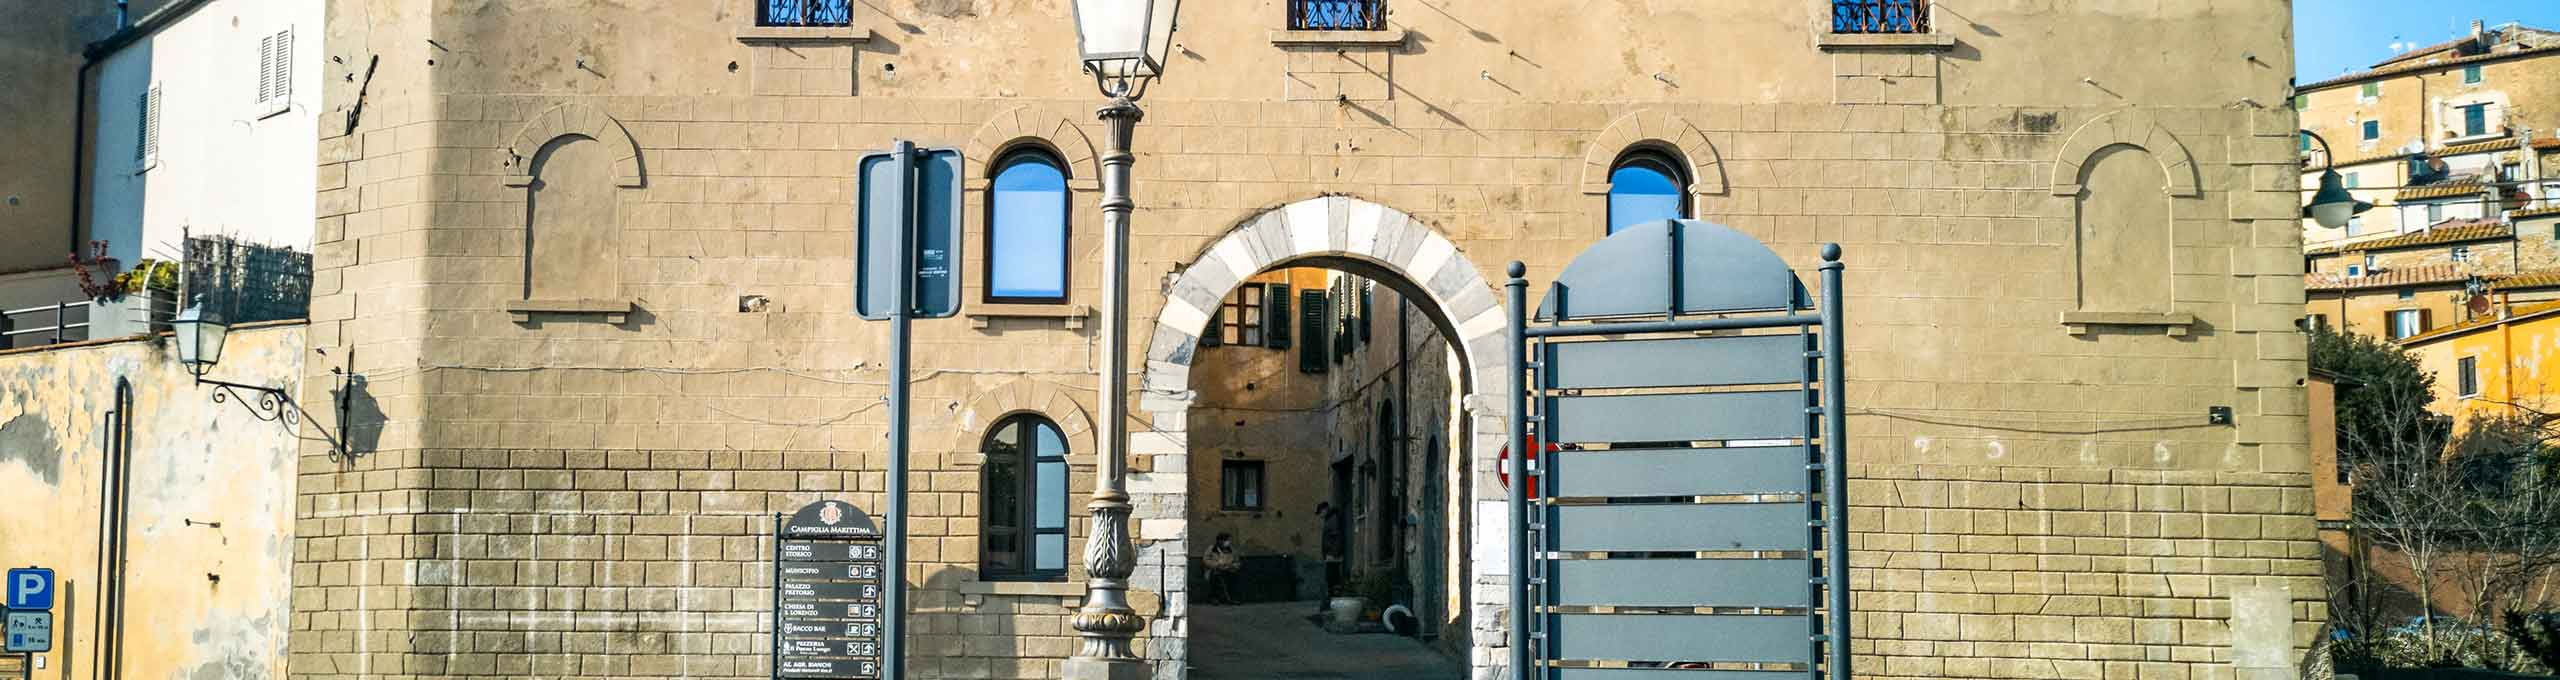 Porta Ribellino, entrata principale del Borgo Campiglia Marittima